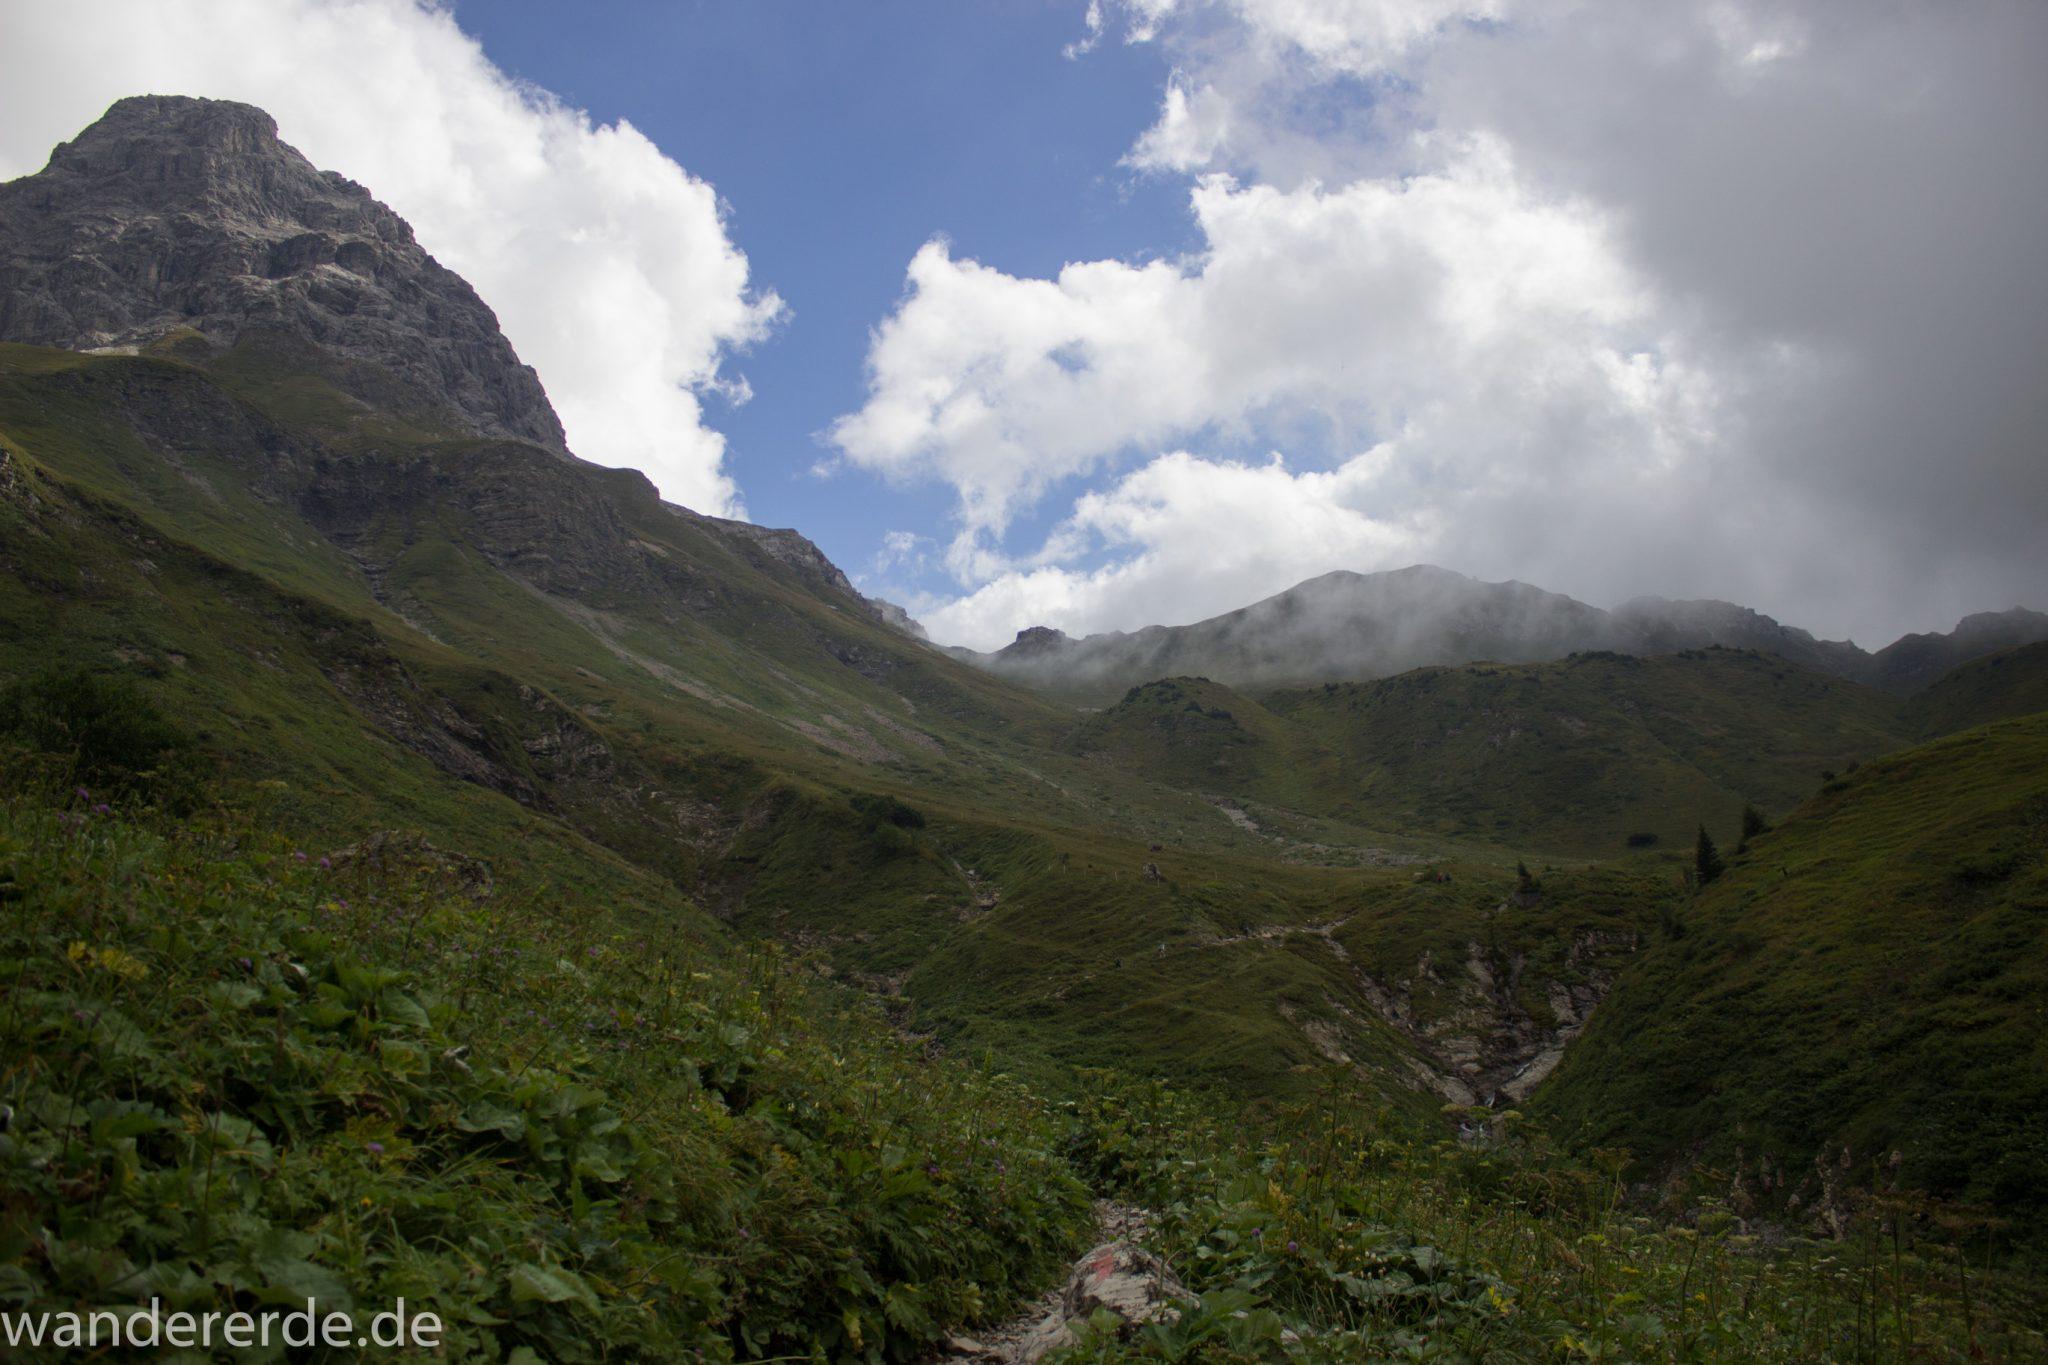 Alpenüberquerung Fernwanderweg E5 Oberstdorf Meran, 1. Etappe von Oberstdorf zur Kemptner Hütte, Wanderweg führt von der Spielmannsau bei Oberstdorf im Allgäu zur Kemptner Hütte entlang eines schmalen Wanderpfads über Stock und Stein, Weg durch Sperrbachtobel, Sicht auf schöne Berge im Nebel, Wegverlauf zunehmend ansteigend, teilweise steil